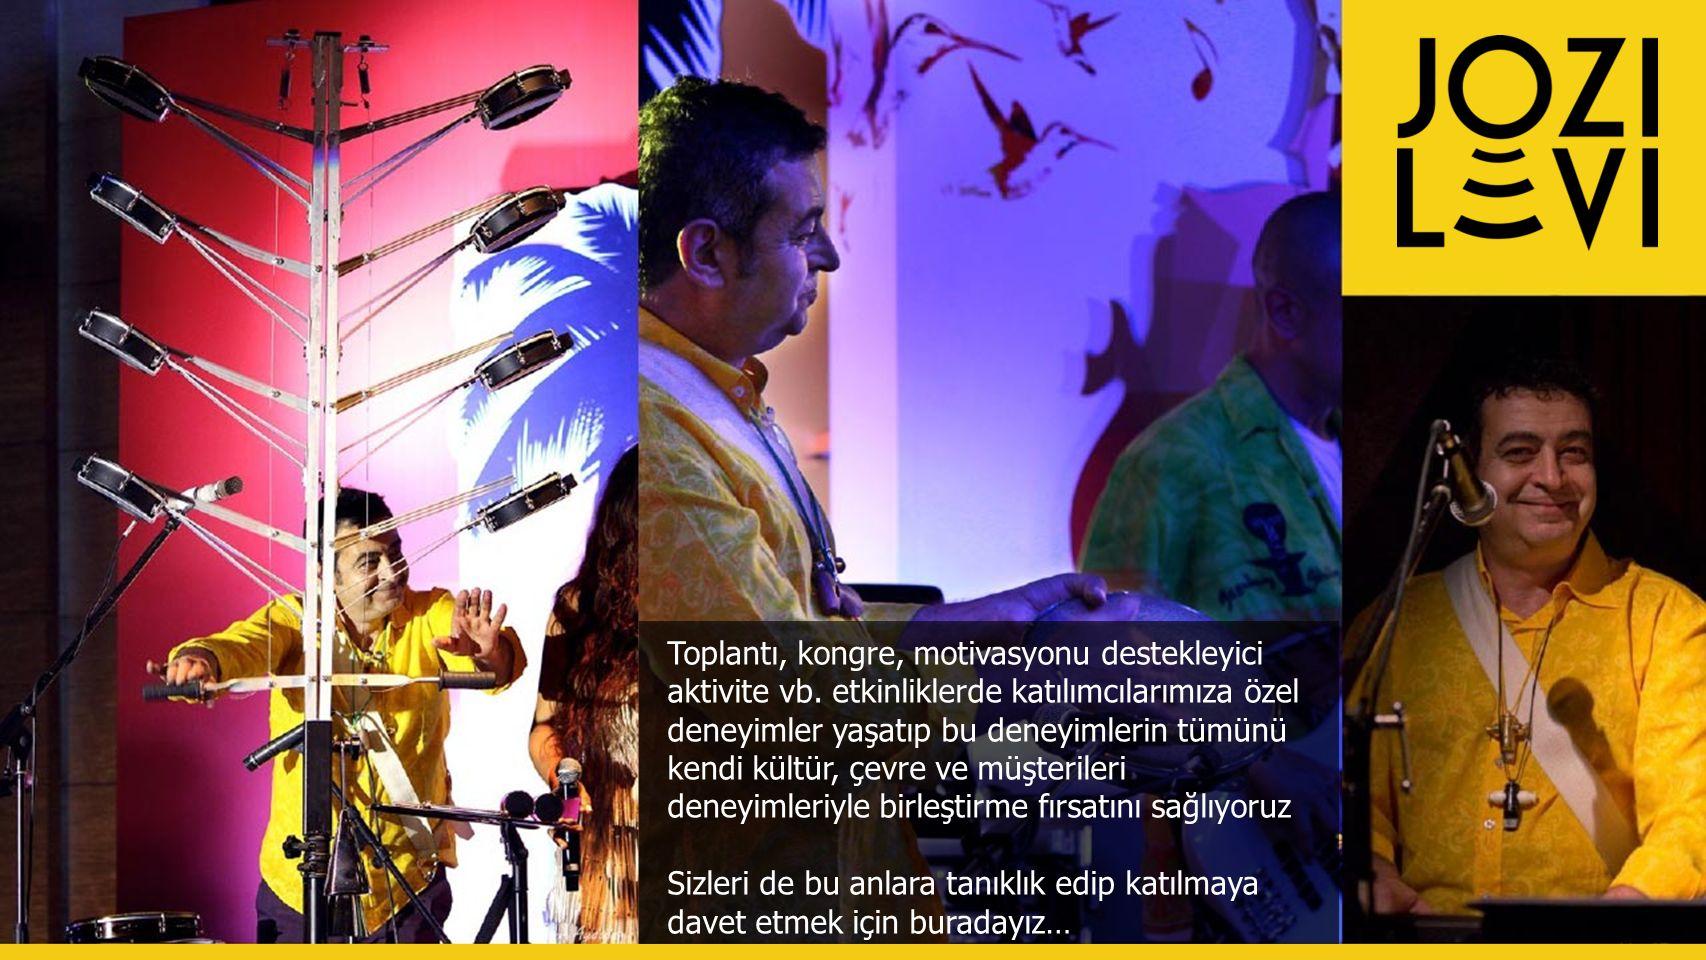 """Jozi Levi kimdir? """"Turkiye cumhuriyeti vatandasi bir perkusyoncu. italyan kokenlidir."""" 31.03.2002 21:55 satine """"pasaporte latino'nun perküsyoncularınd"""